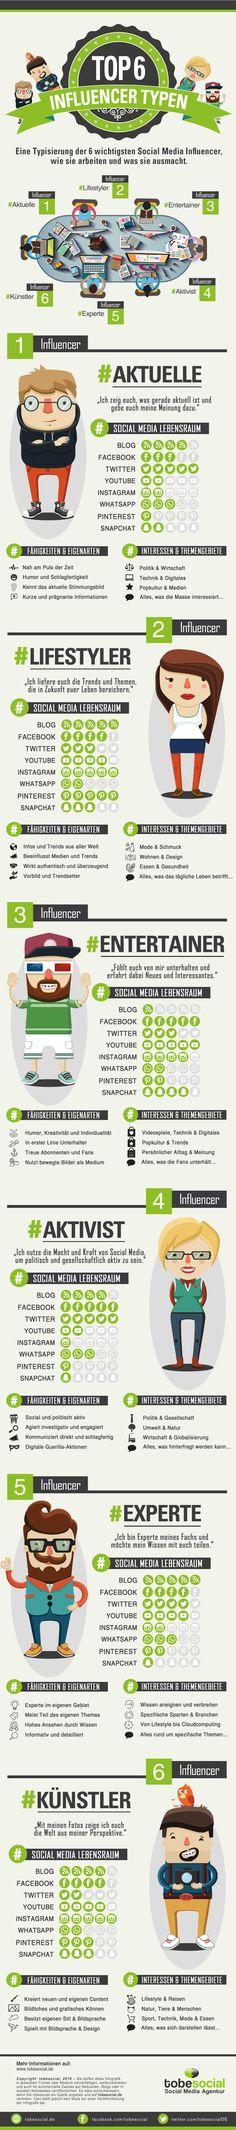 """Viele Unternehmen, Marketing Mitarbeiter/innen oder Community Managern/innen stehen immer wieder vor derselben Frage:""""Wersind die passenden Meinungsführer für Influencer Marketing in der eigenen Branche und wie kann mandiese erreichen und dadurch eine höhere Reichweite erzielen?"""". Influencer unterhalten, informieren und prägen das aktuelle Meinungsbild auf verschiedensten sozialen Netzwerken. Dabei unterscheiden sich Influencer nicht nur in ihrer Persönlichkeit, …"""